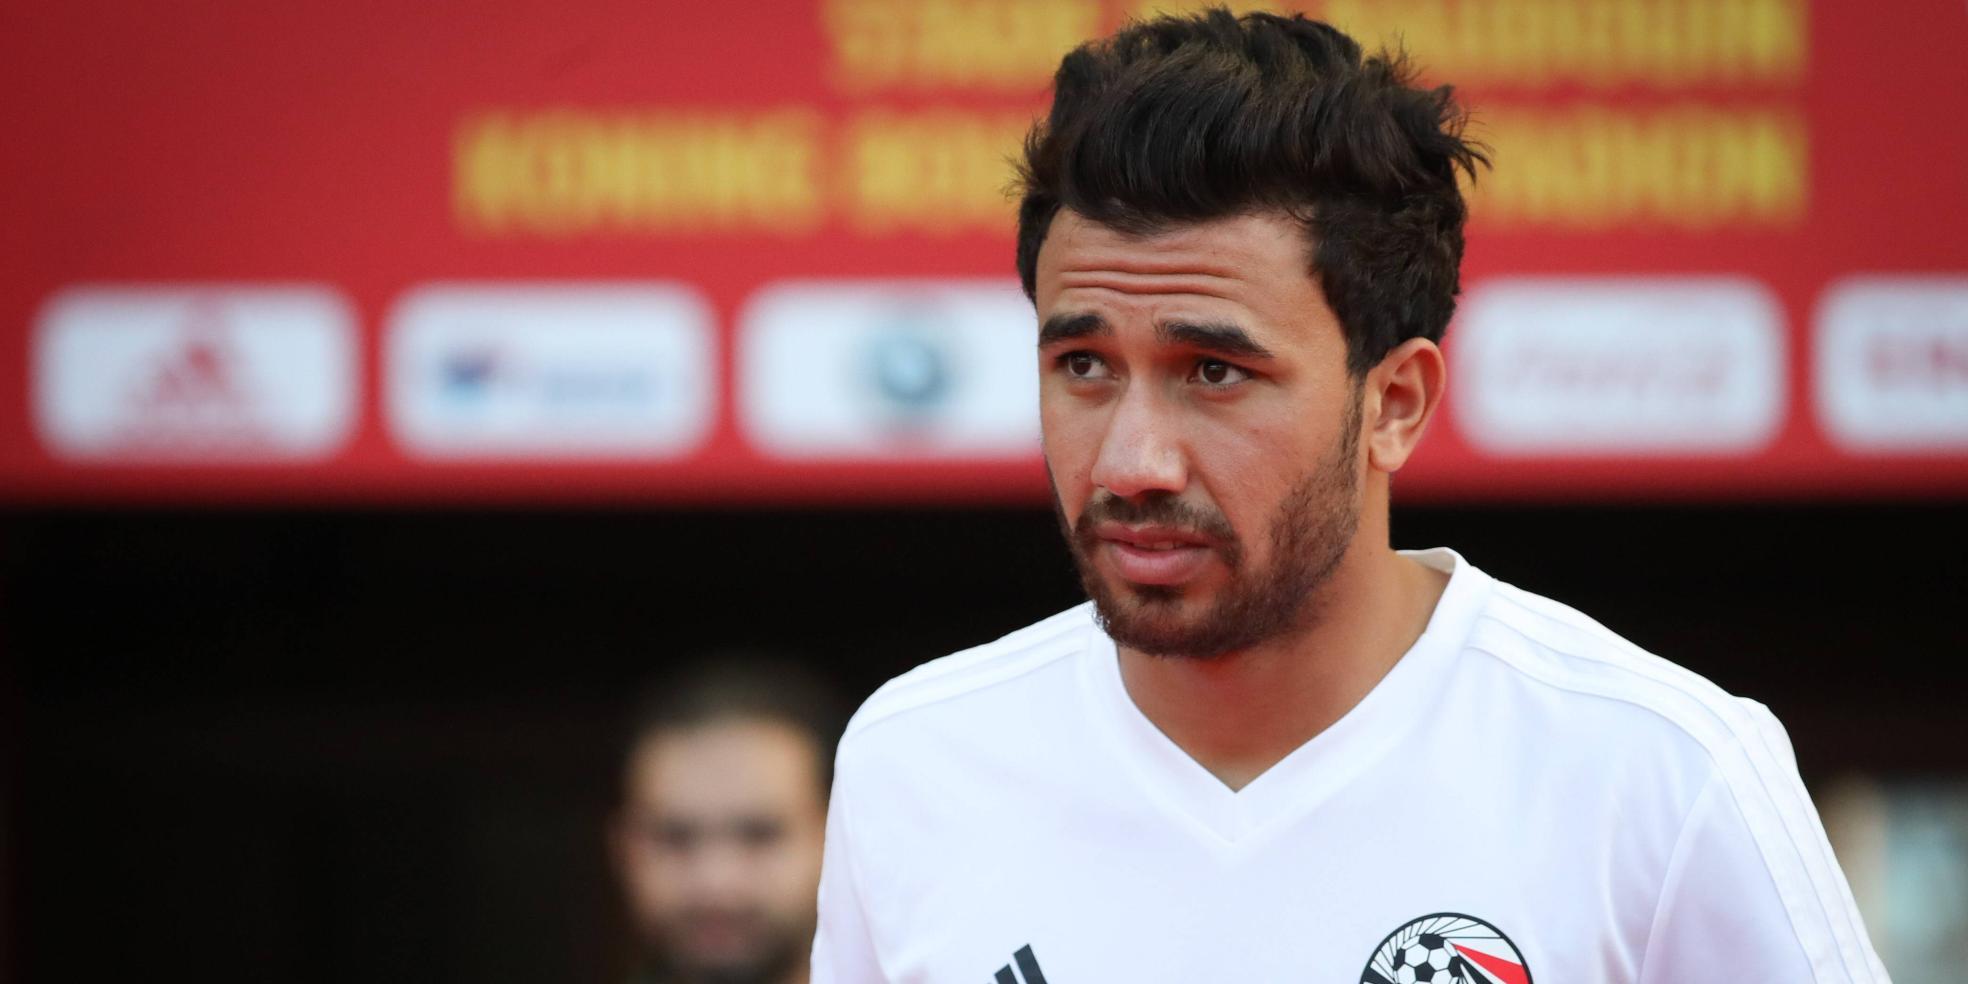 Wechselt Trezeguet zum FC Schalke 04?